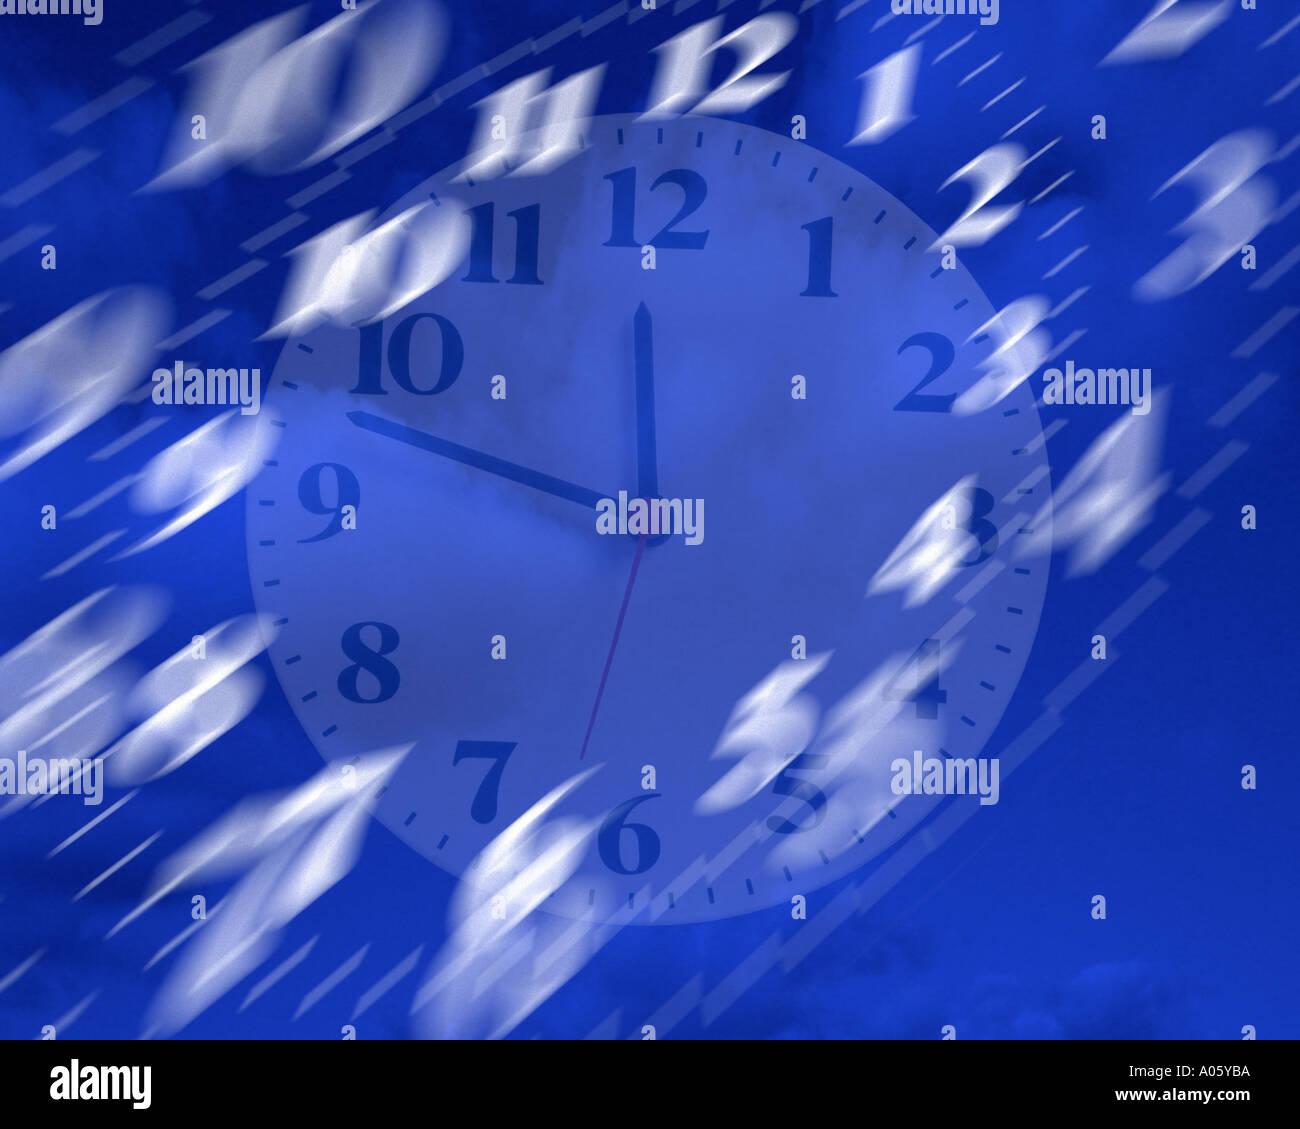 CONCEPT NUMÉRIQUE: tempus fugit ou le temps passe vite Photo Stock